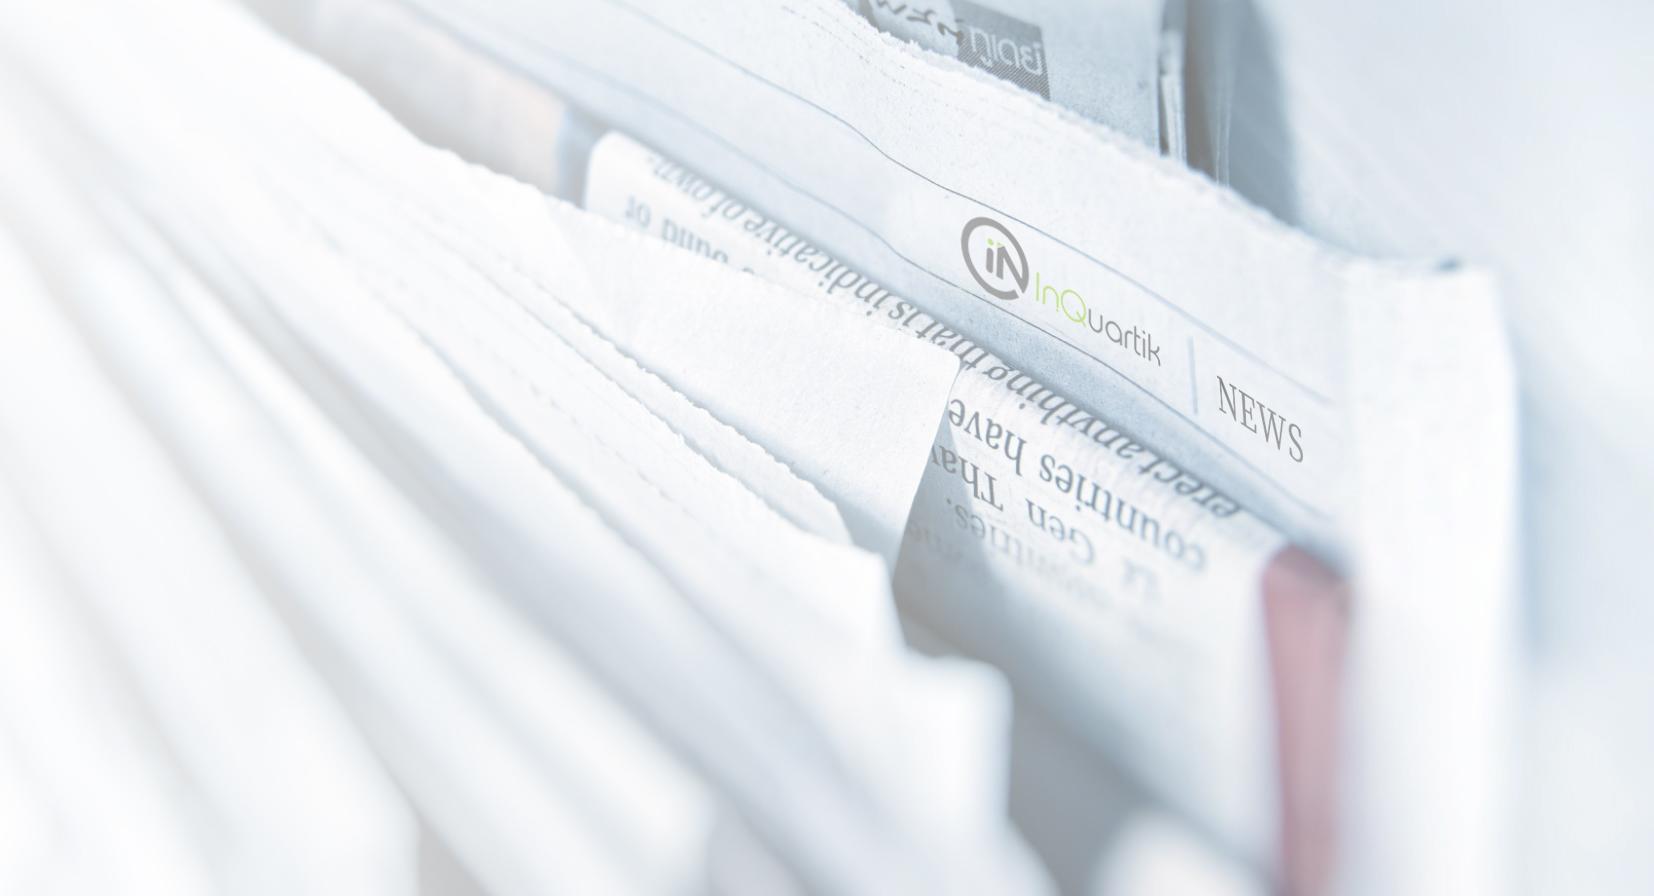 日本特許庁「経営戦略を成功に導く知財戦略【実践事例集】」に当社グループ会社が掲載されました